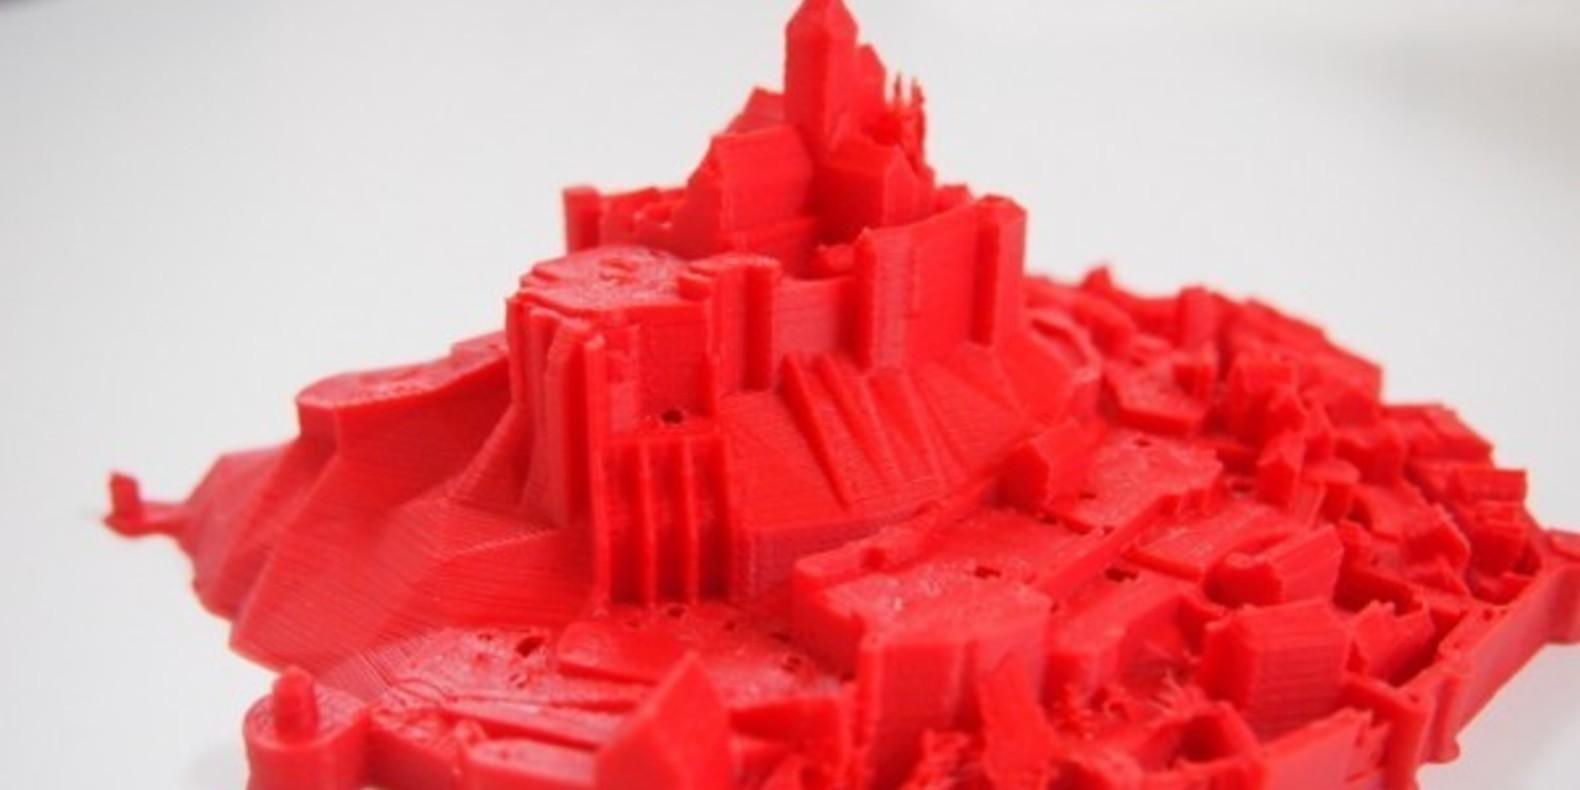 mont saint michel cults fichier 3D impression 3D imprimante shakera maker thingiverse 3